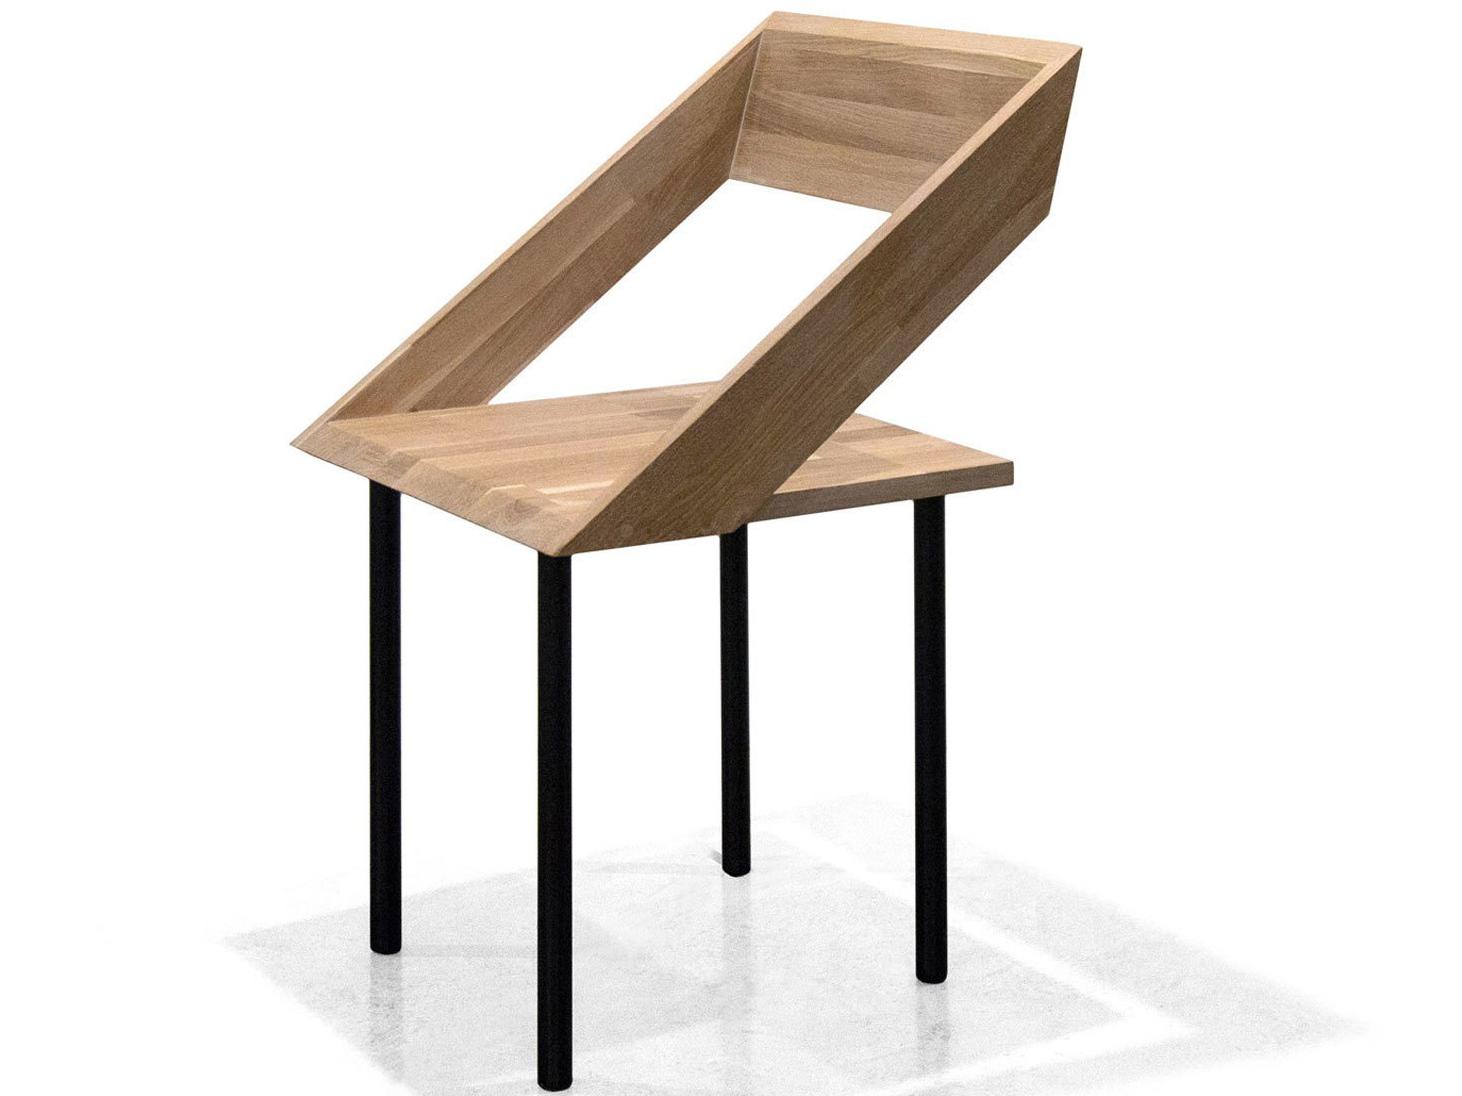 Стул Чайка OakОбеденные стулья<br>Материал сиденья: дубовый мебельный щит&amp;lt;br&amp;gt;Высота сиденья: 44 см&amp;lt;div&amp;gt;Основной цвет металла: черный&amp;lt;br&amp;gt;Основная отделка дуба: бесцветное масло&amp;lt;br&amp;gt;Возможны другие варианты, уточняйте у менеджеров клиентской службы.&amp;lt;/div&amp;gt;<br><br>Material: Металл<br>Ширина см: 49<br>Высота см: 80<br>Глубина см: 52